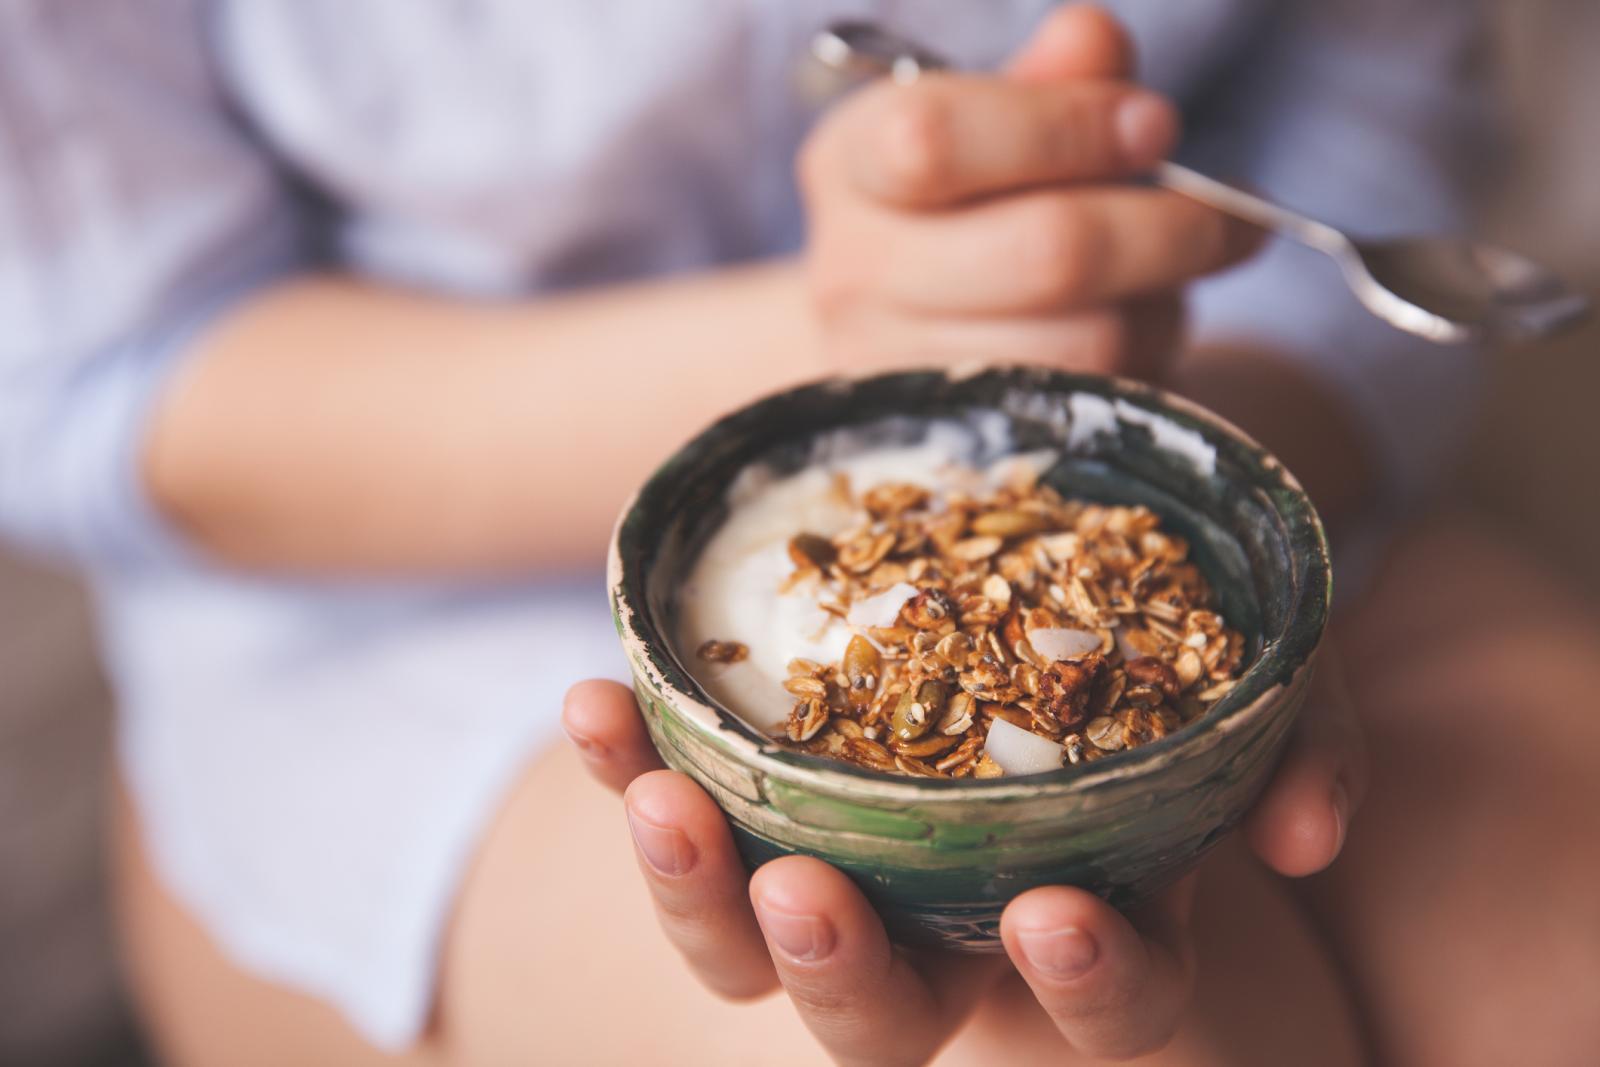 Nema potrebe da kupujete gotovi voćni jogurt ili onaj s orašastim voćem i žitaricama, kad ga možete napraviti sami.